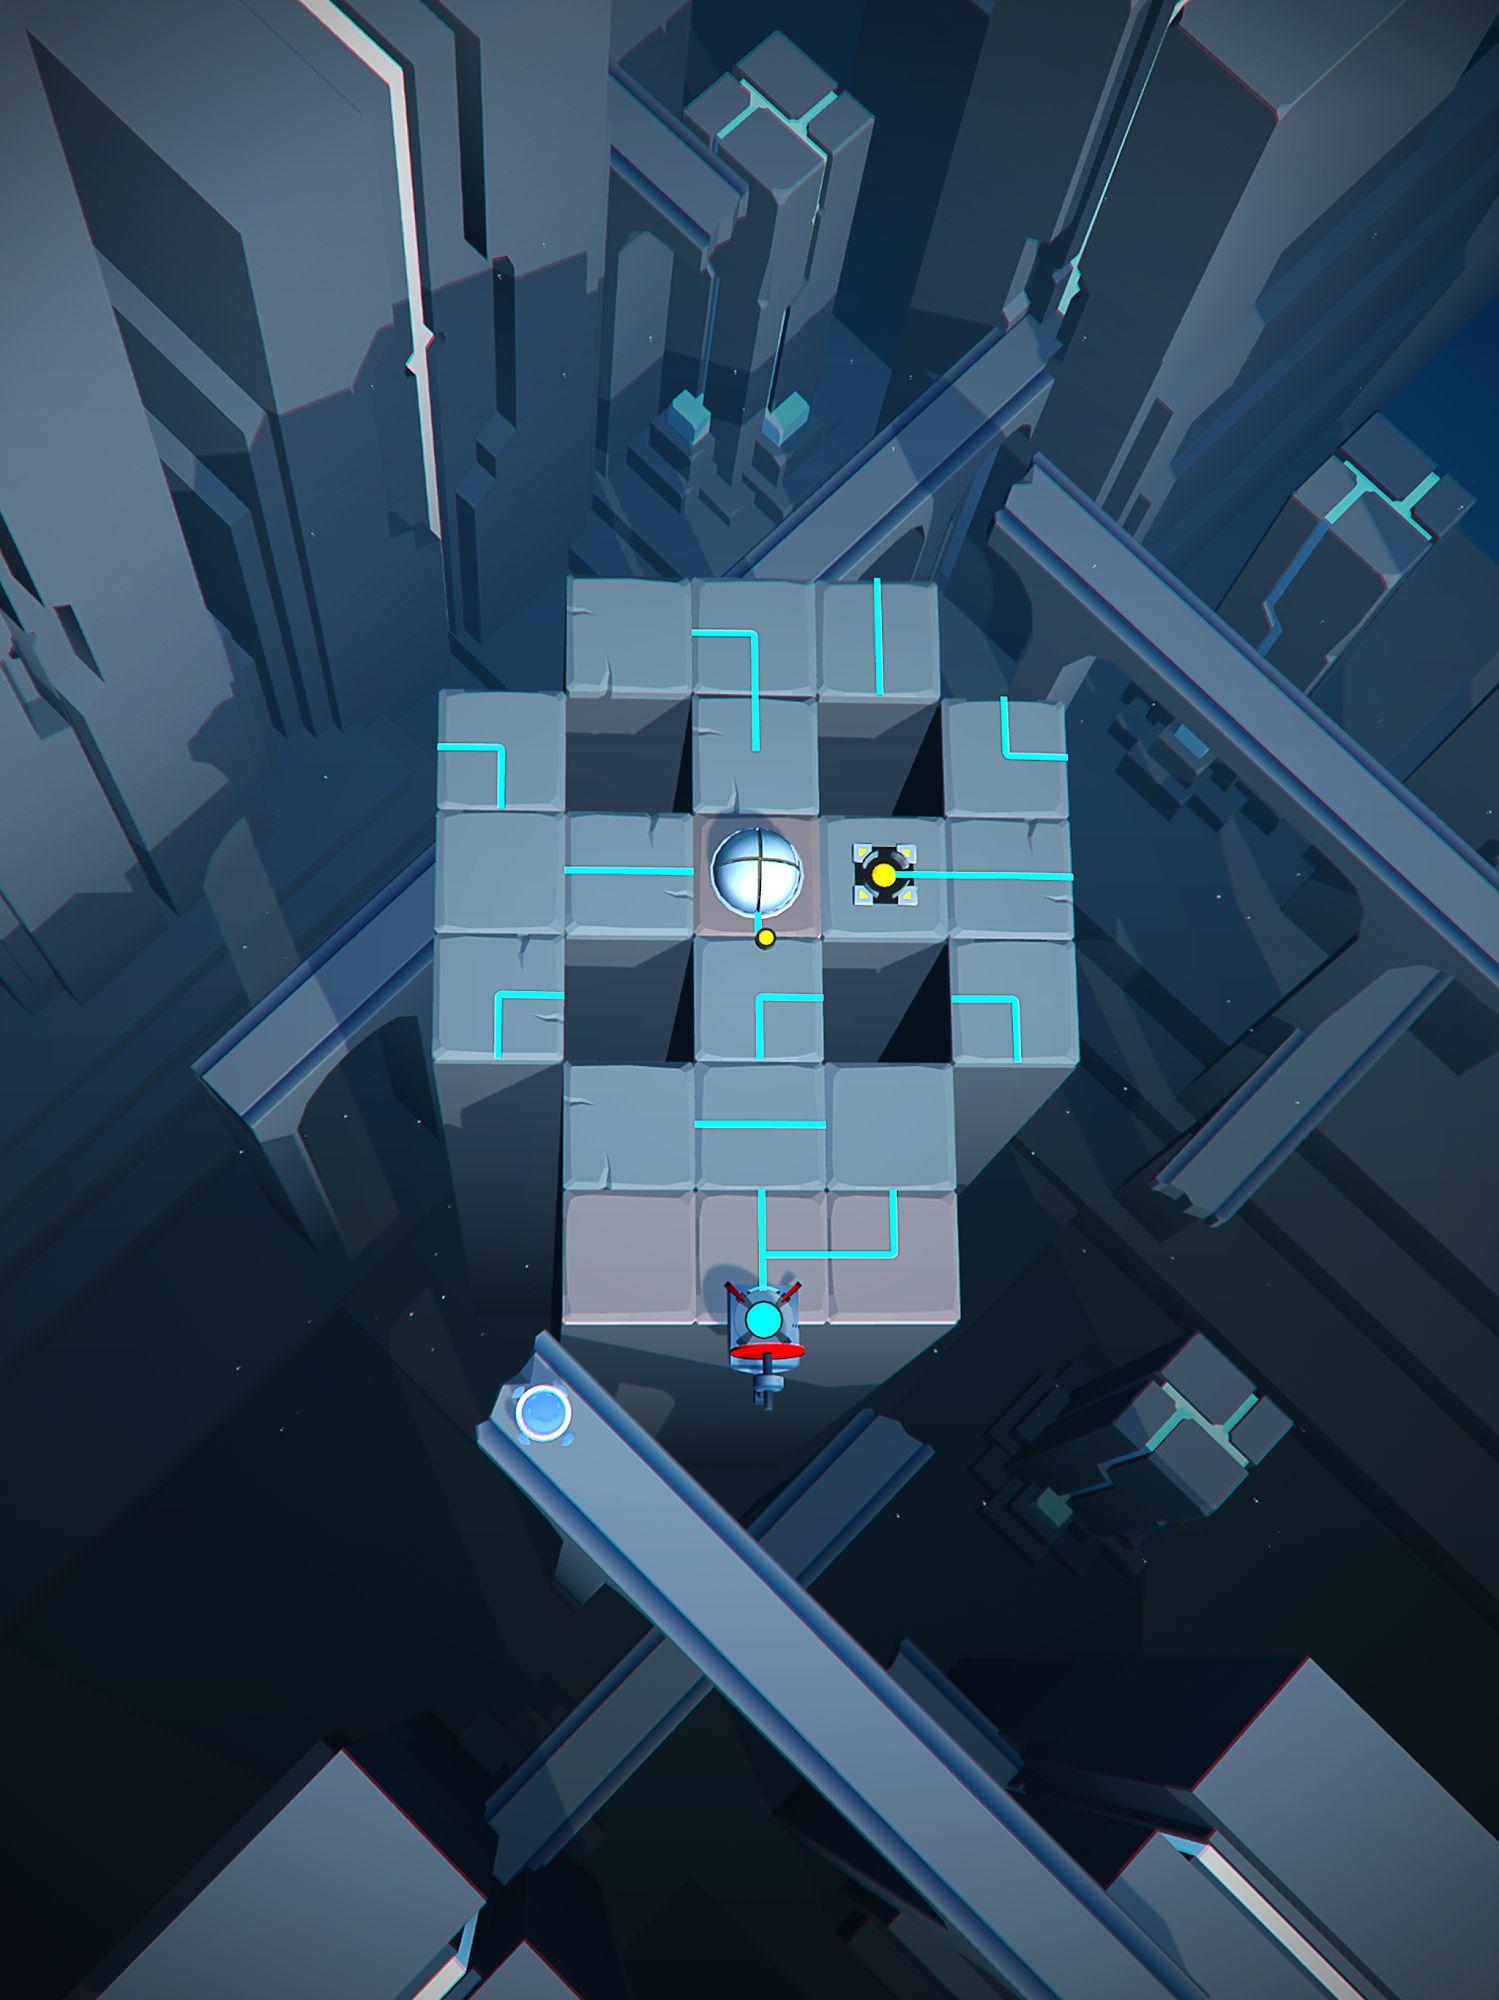 アンドロイド用ゲーム SPHAZE のスクリーンショット